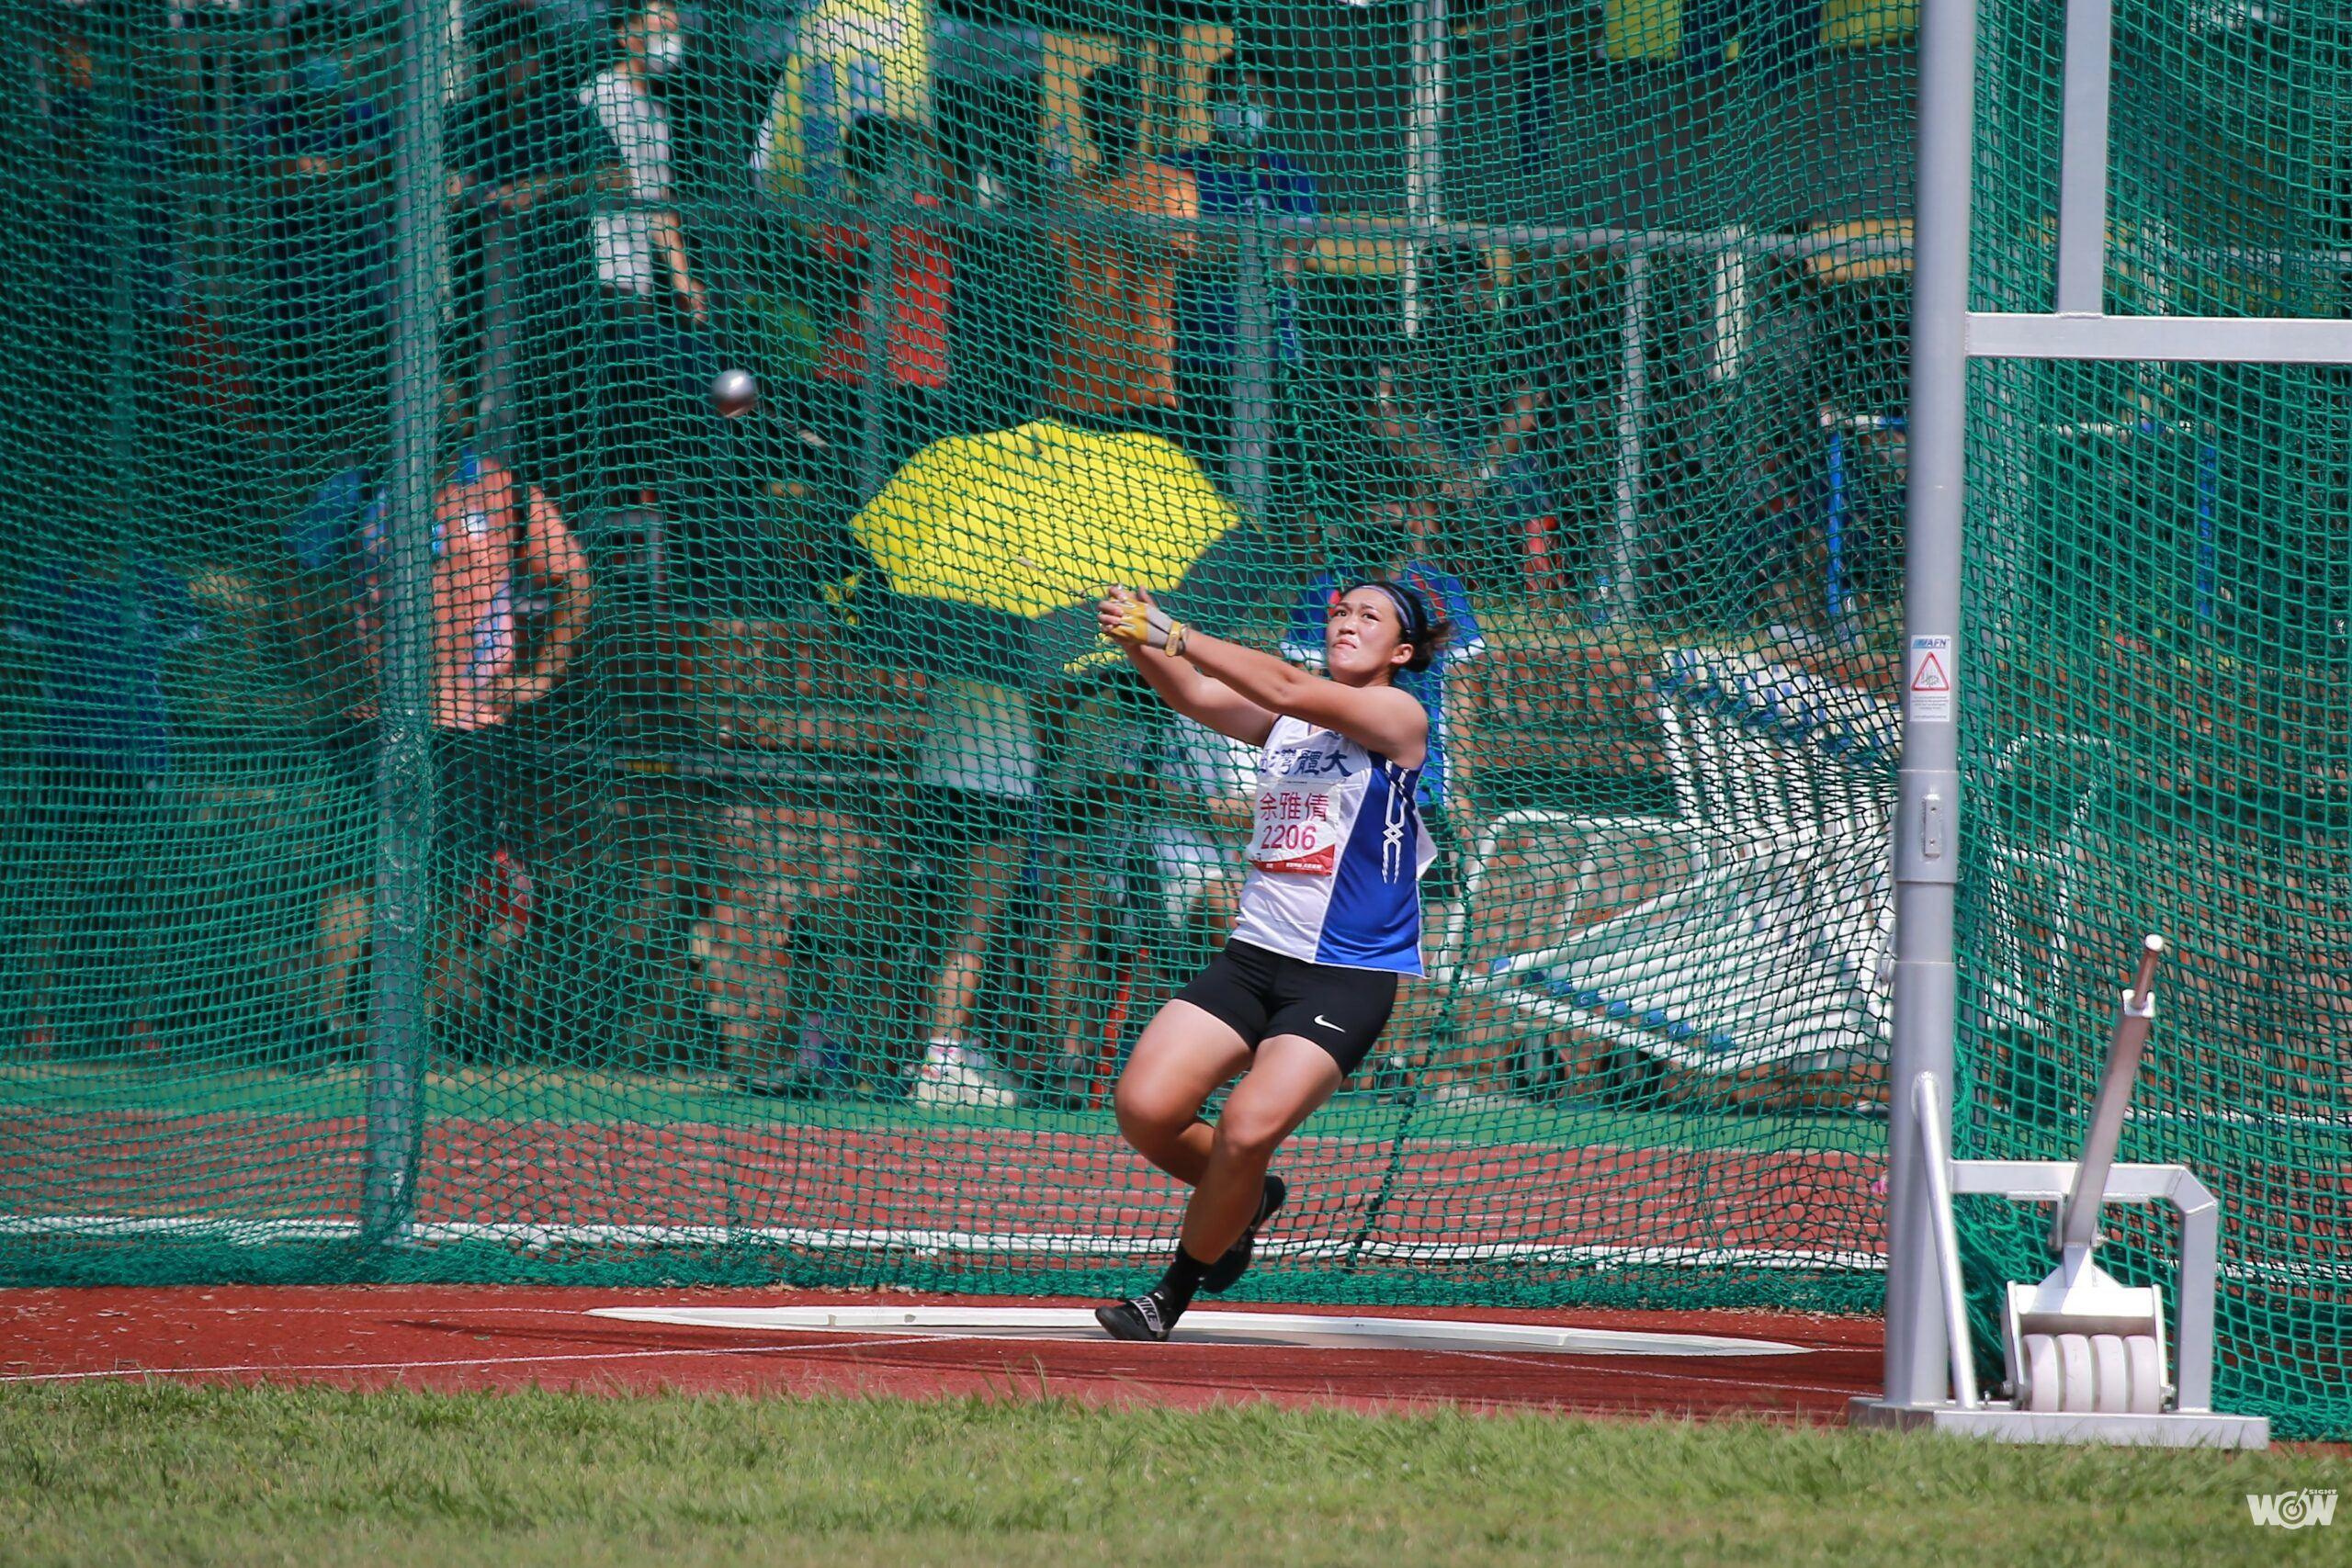 《全大運》64公尺12 余雅倩女子鏈球破全國達標亞運